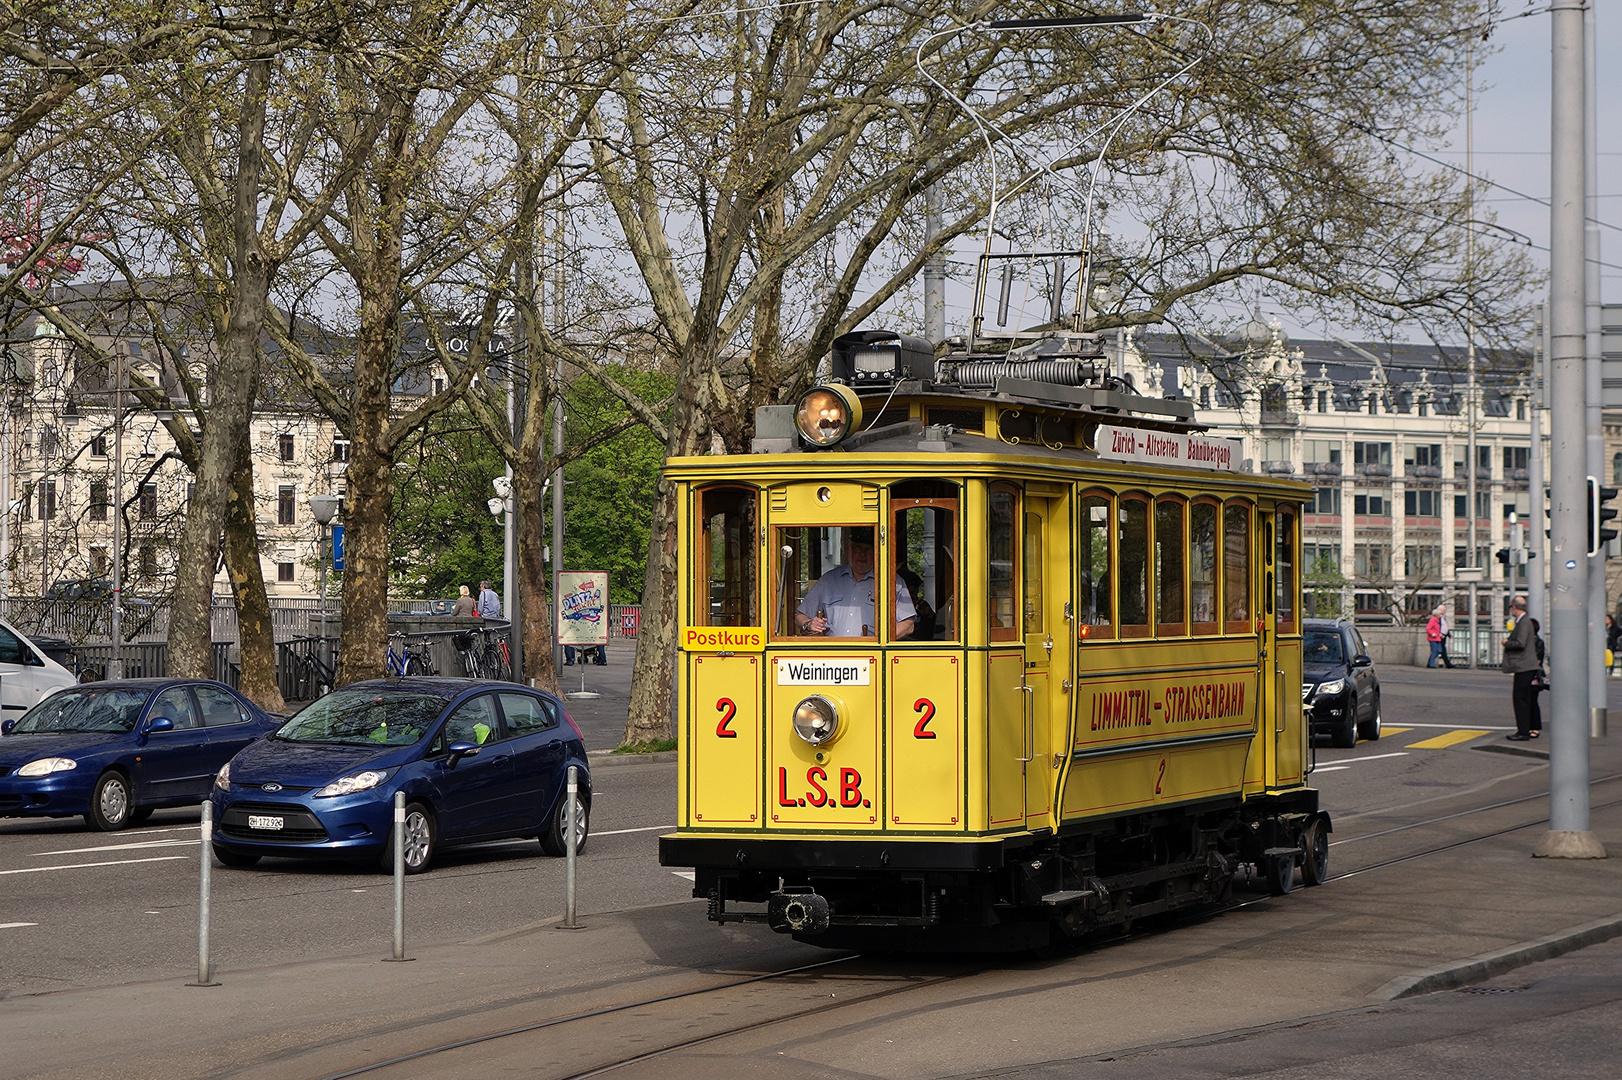 Tram Museum Zürich - LSB 2 mit Postrolli Z2 am Bellevue in Zürich